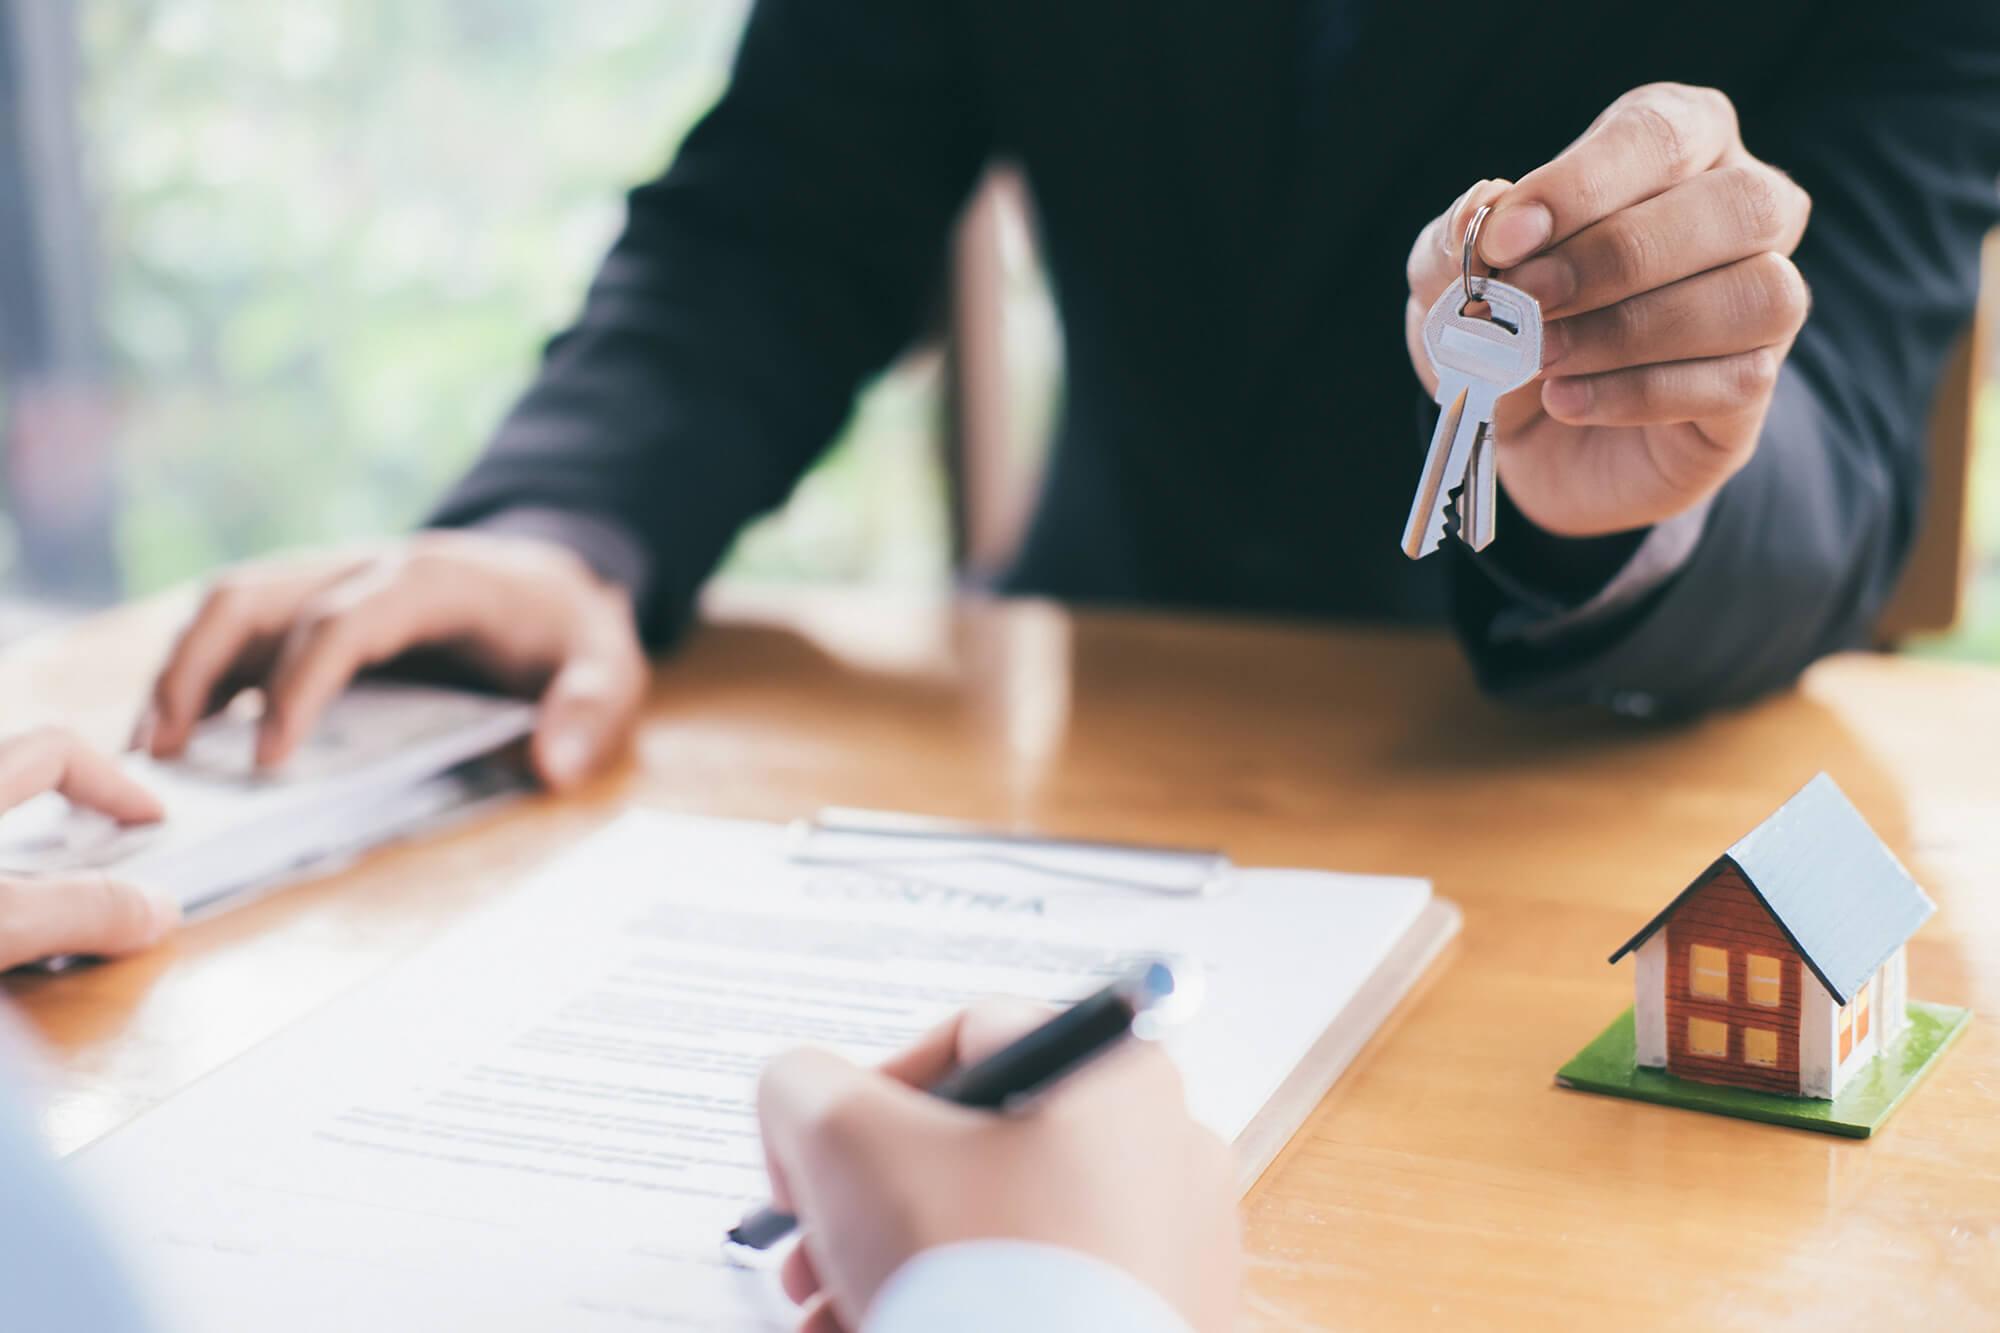 Worauf Sie beim Hausverkauf achten müssen - 8 Tipps für den erfolgreichen Verkauf Ihres Eigenheims